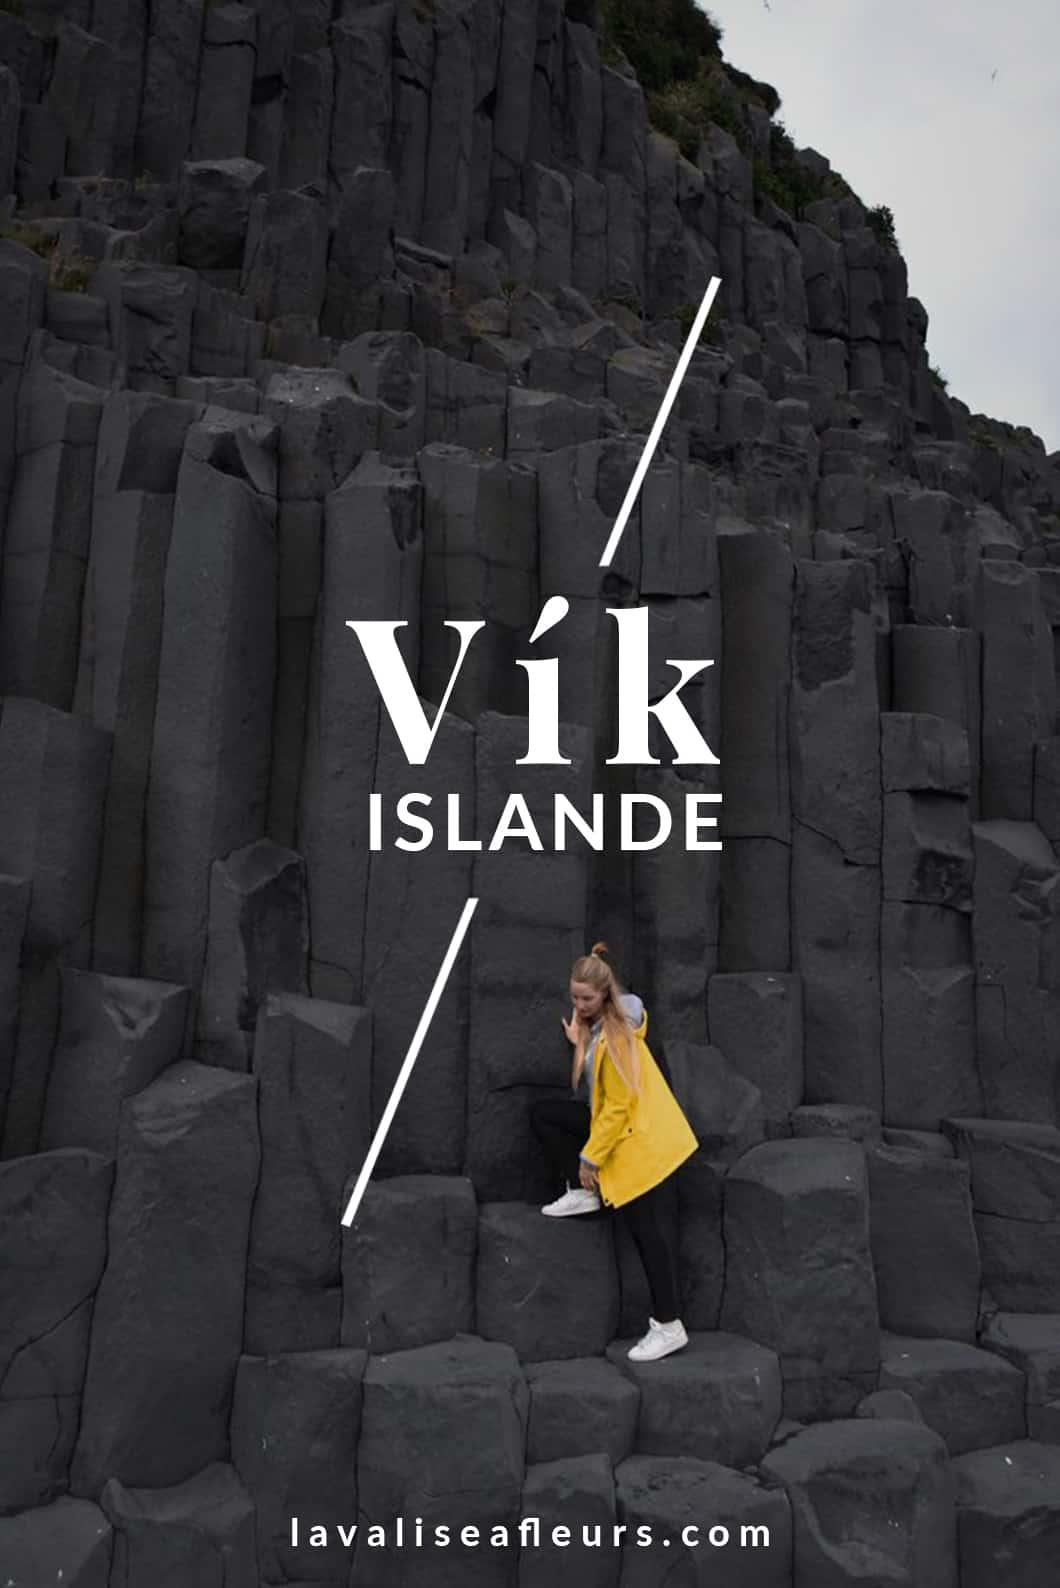 Road trip en Islande, visiter Vik dans le sud de l'Islande